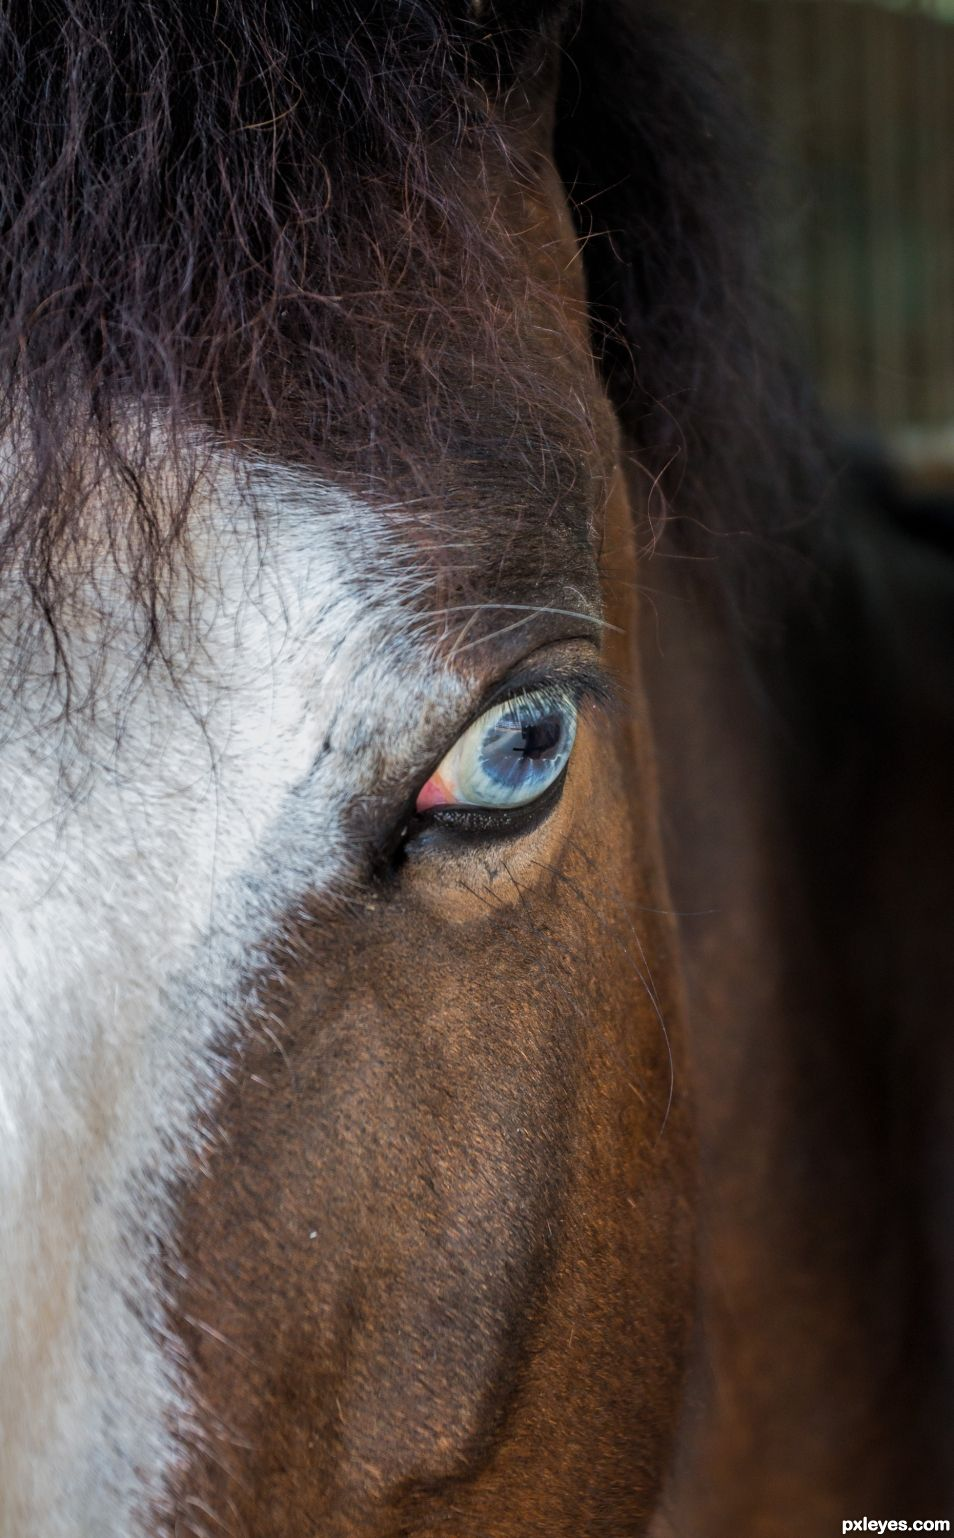 Unusual eye colur